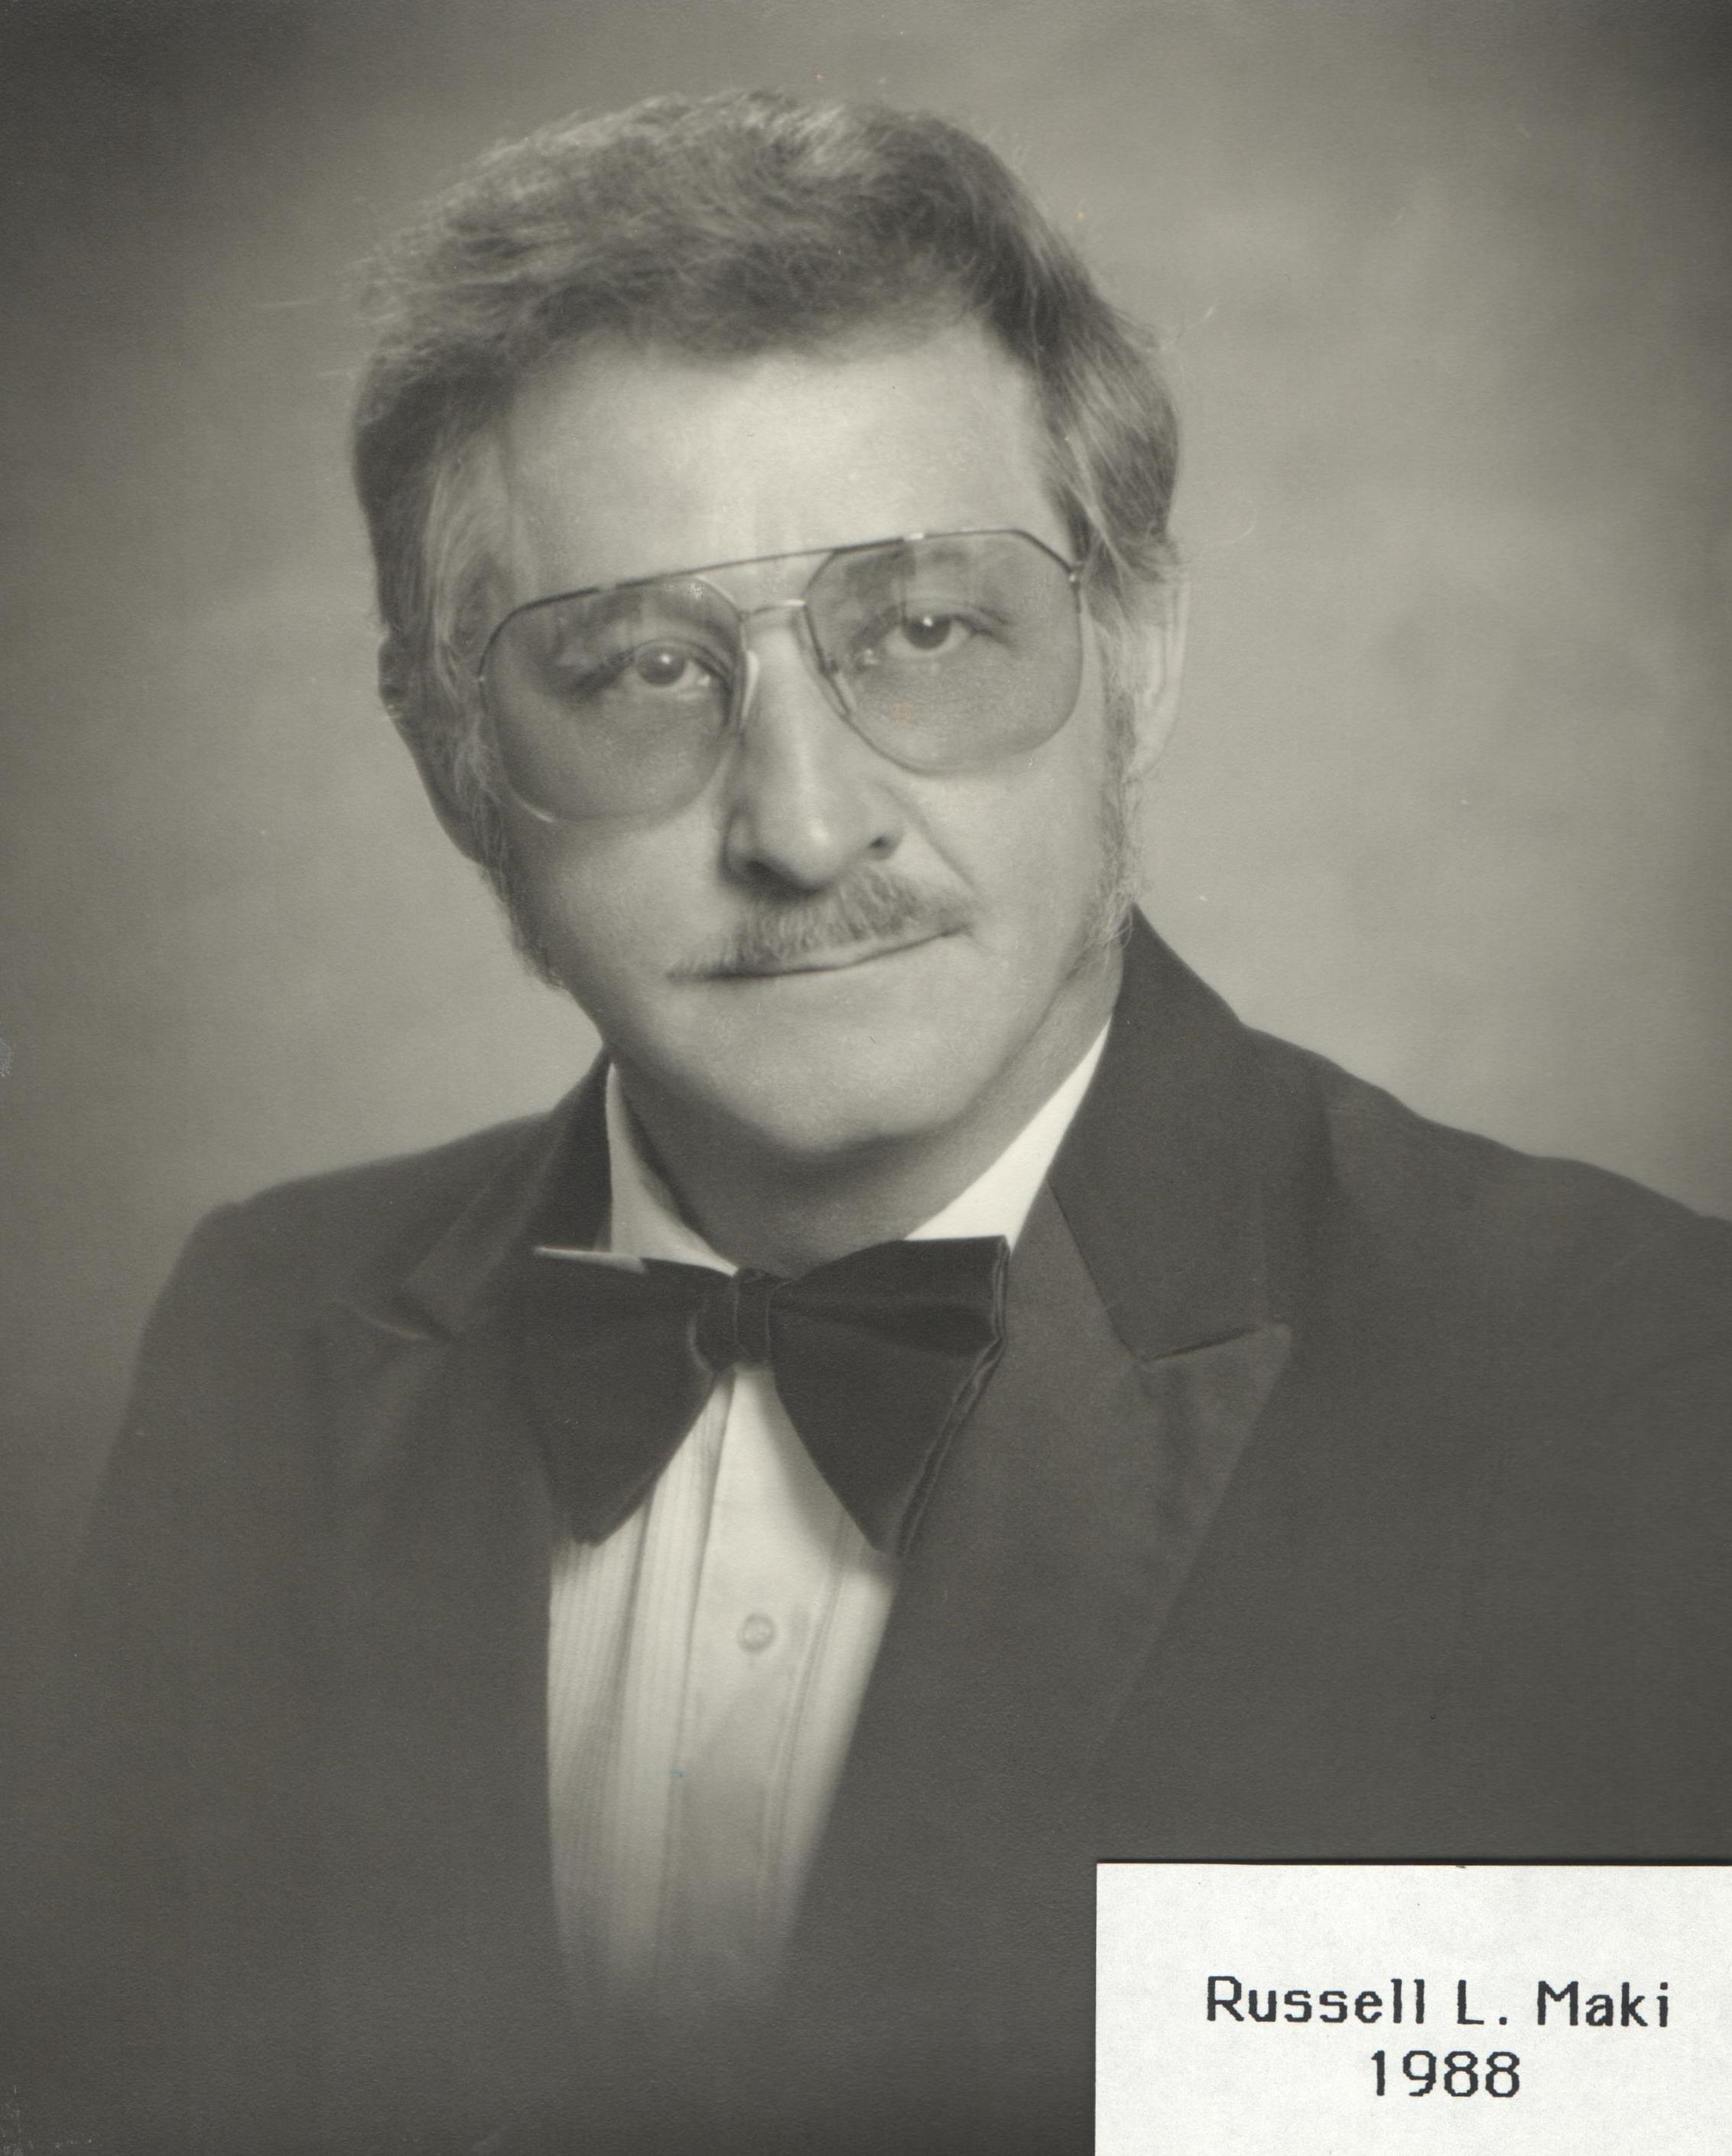 1988 Russell L. Maki